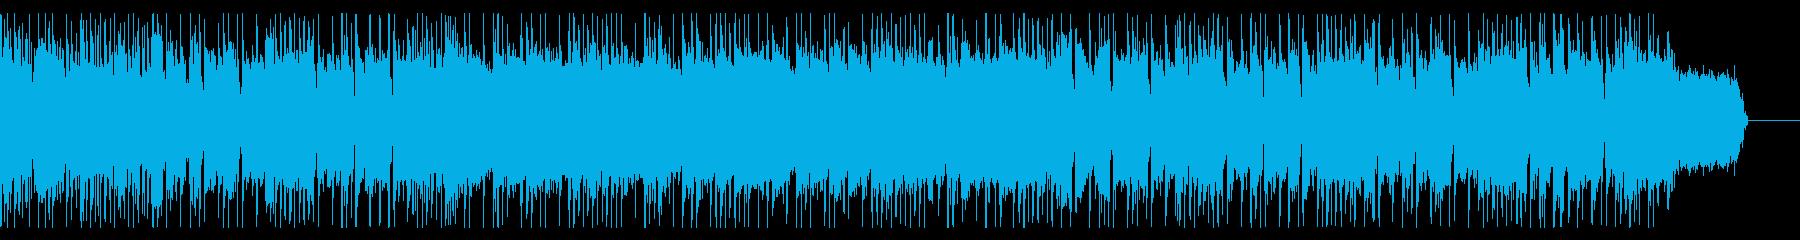 ドラムで始まるオーソドックスなロックの再生済みの波形